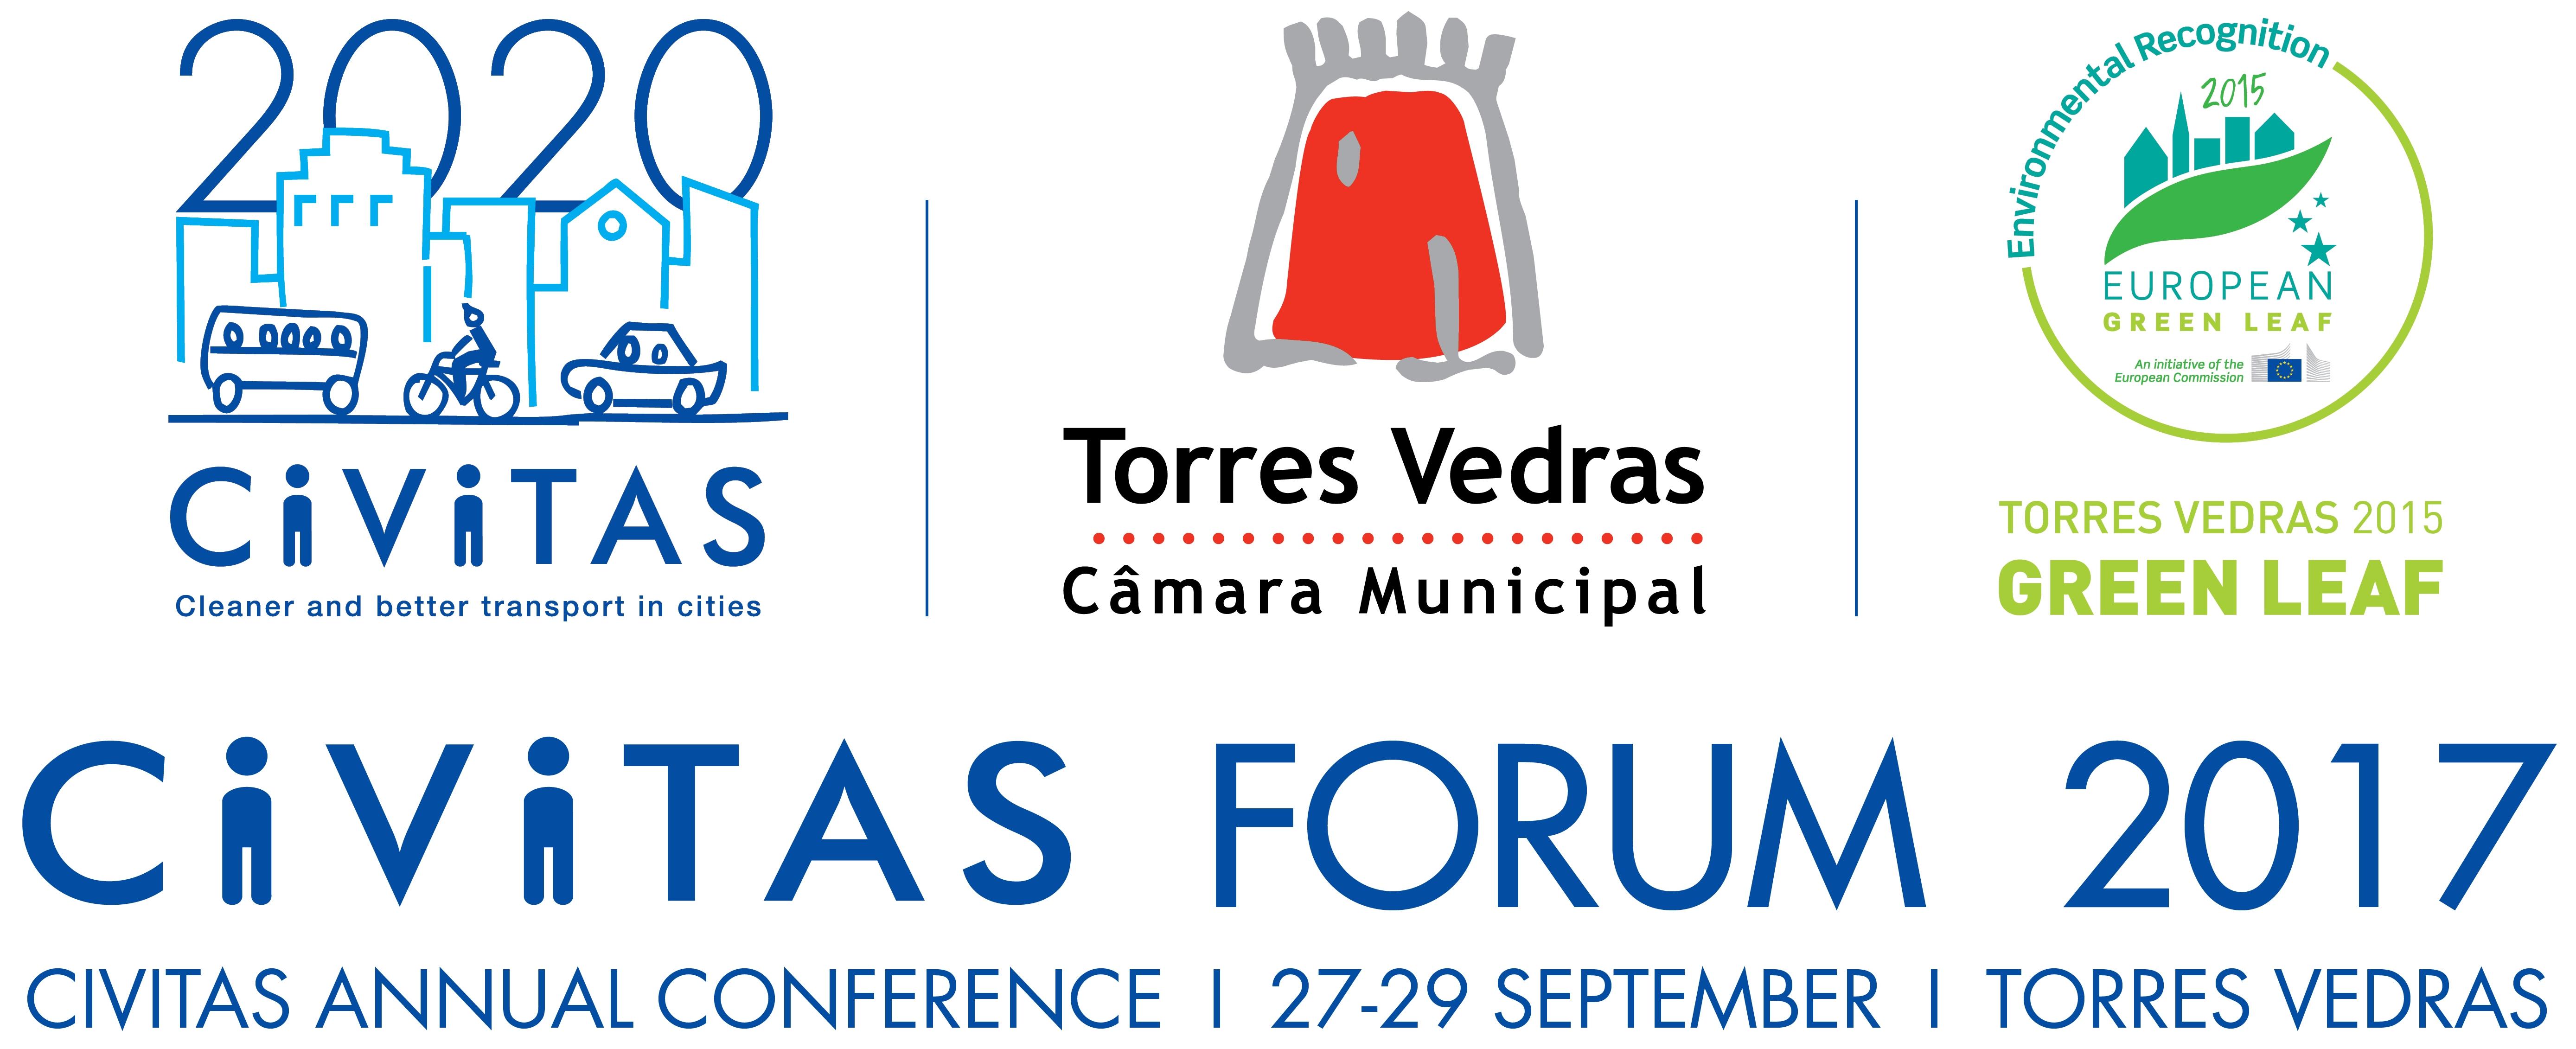 civitas-forum-2017-logo